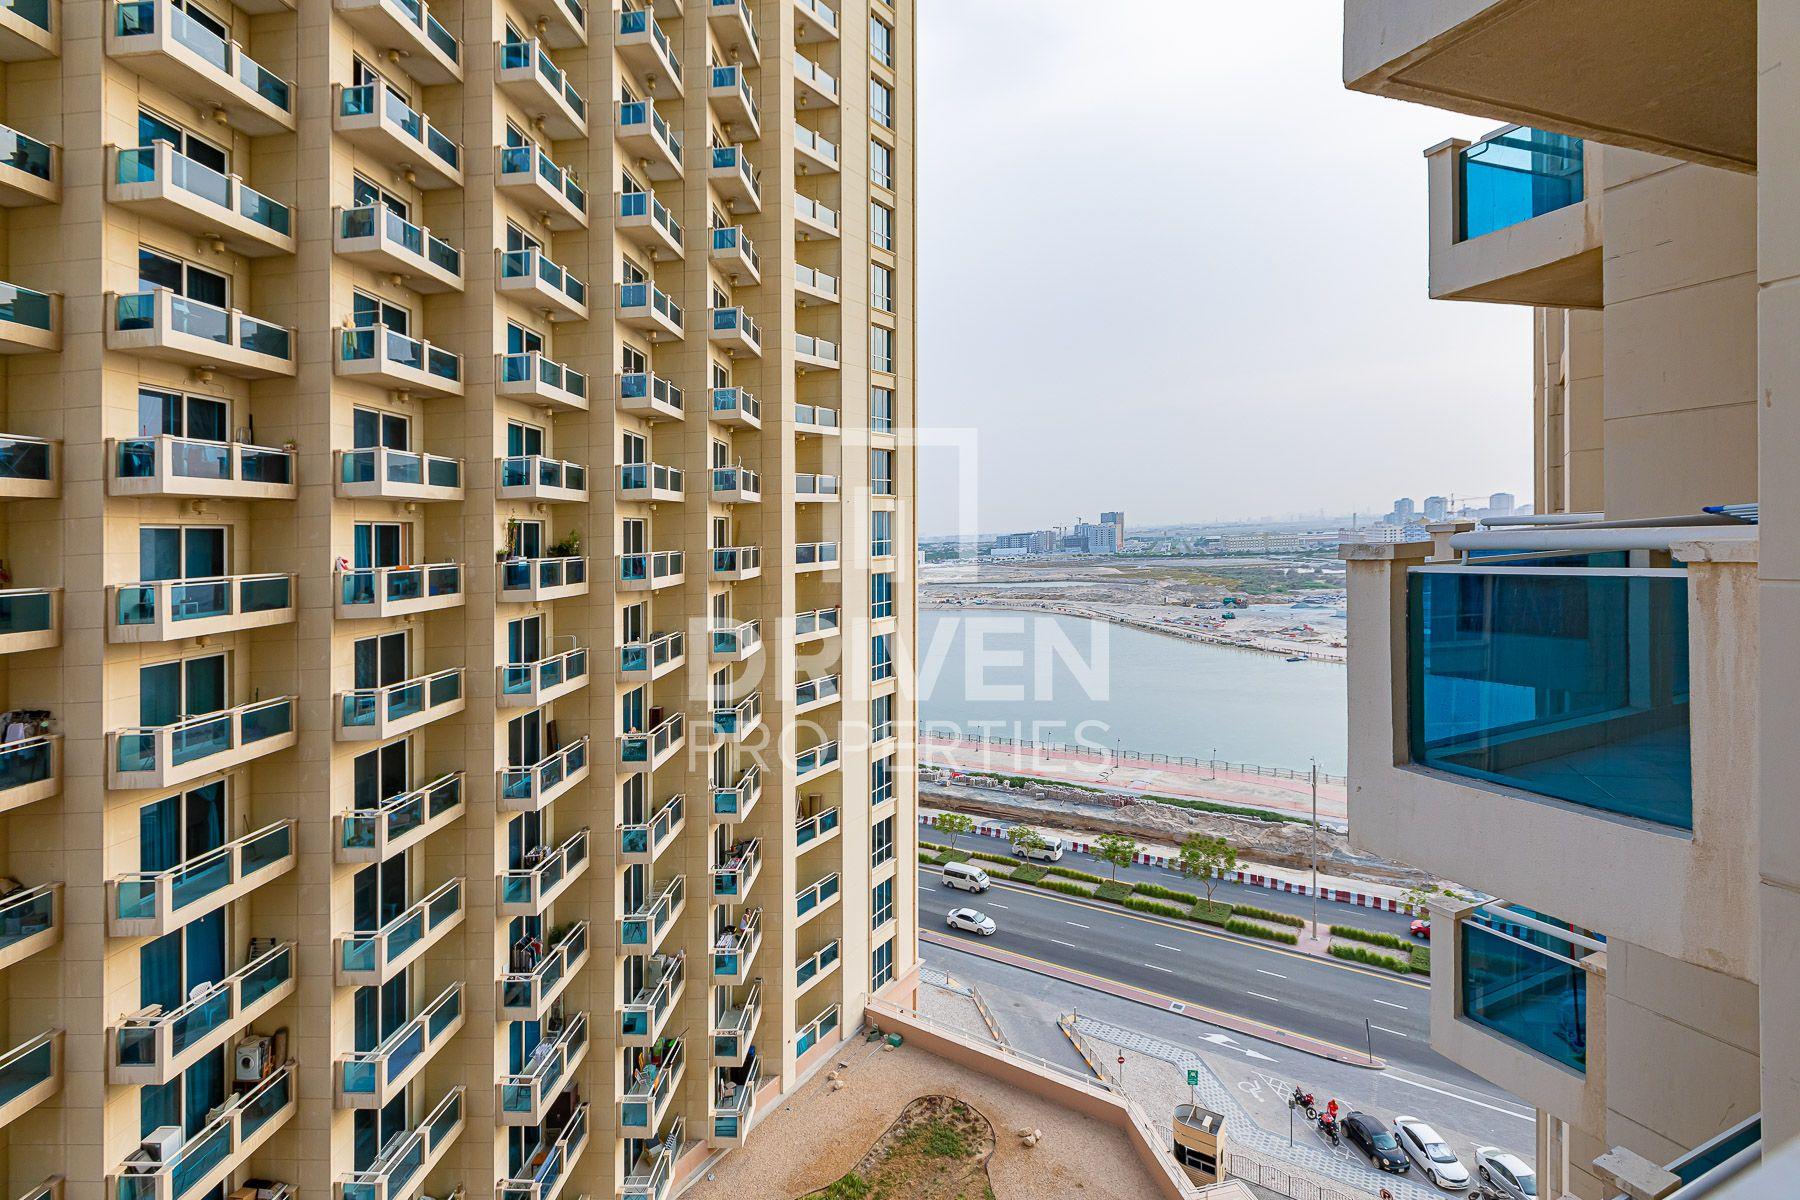 للايجار - ستوديو - B  برج - مدينة دبي للإنتاج (اي ام بي زد)